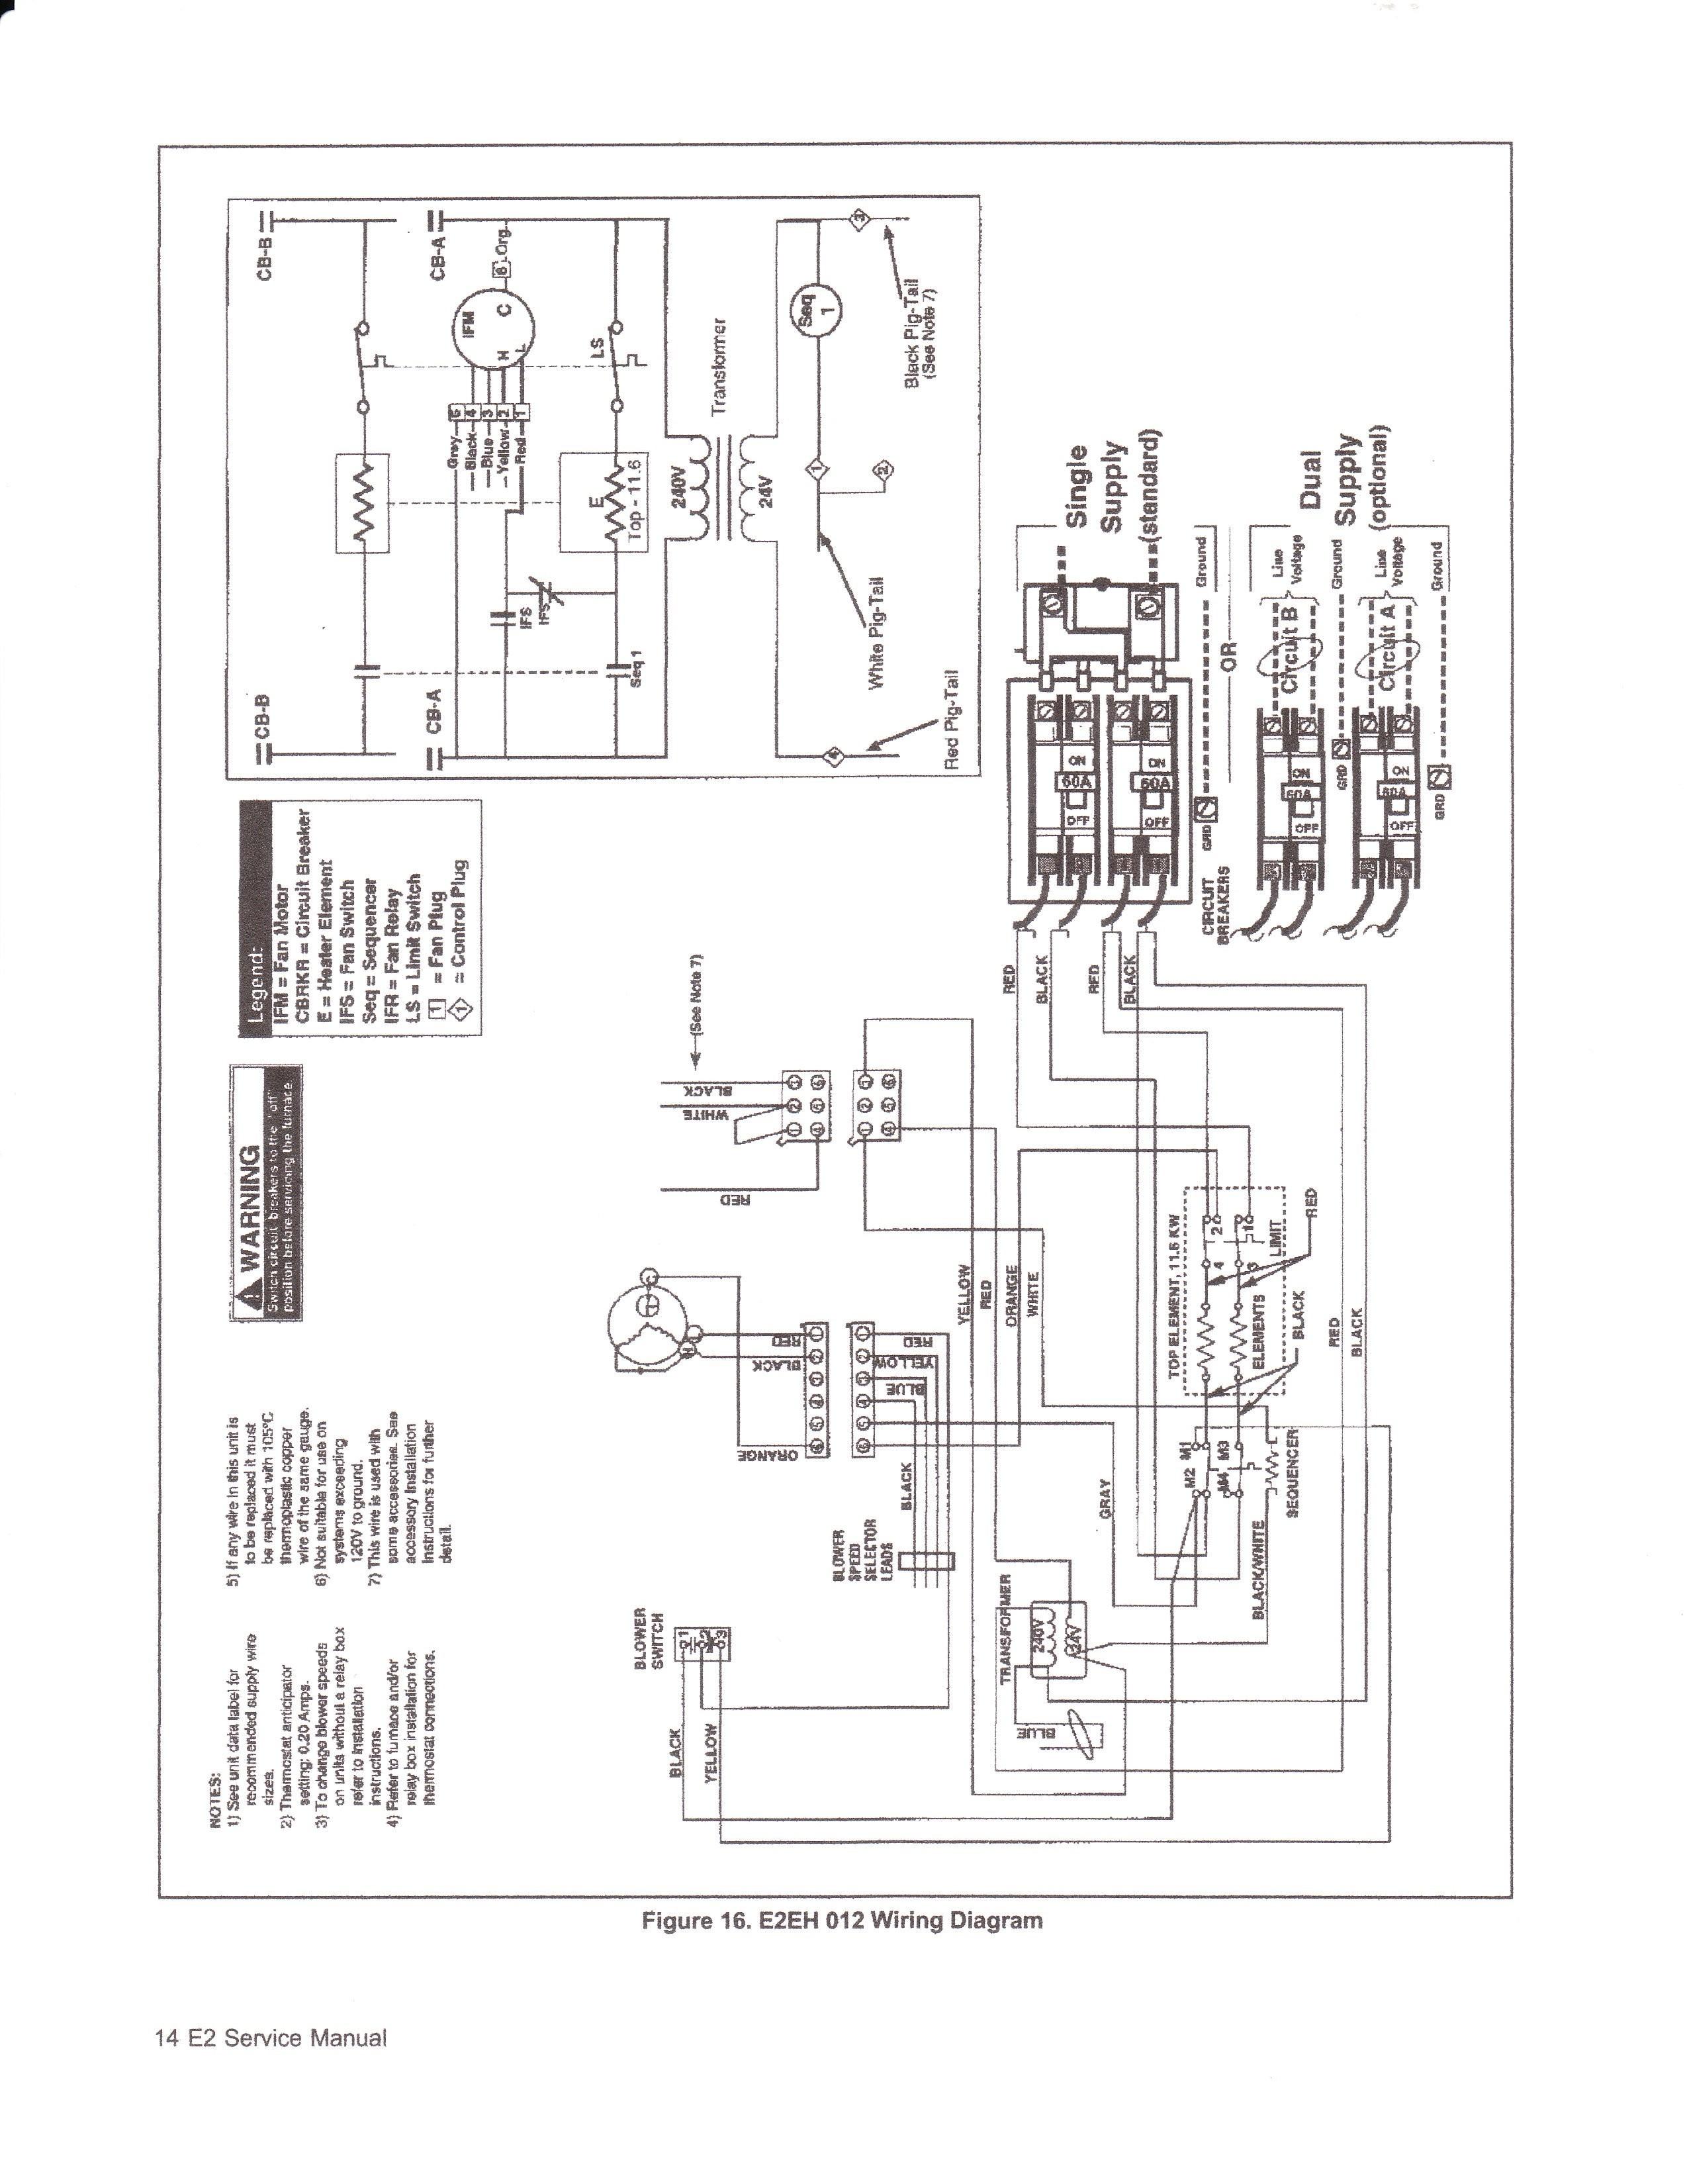 Nordyne Furnace Wiring Diagram Download